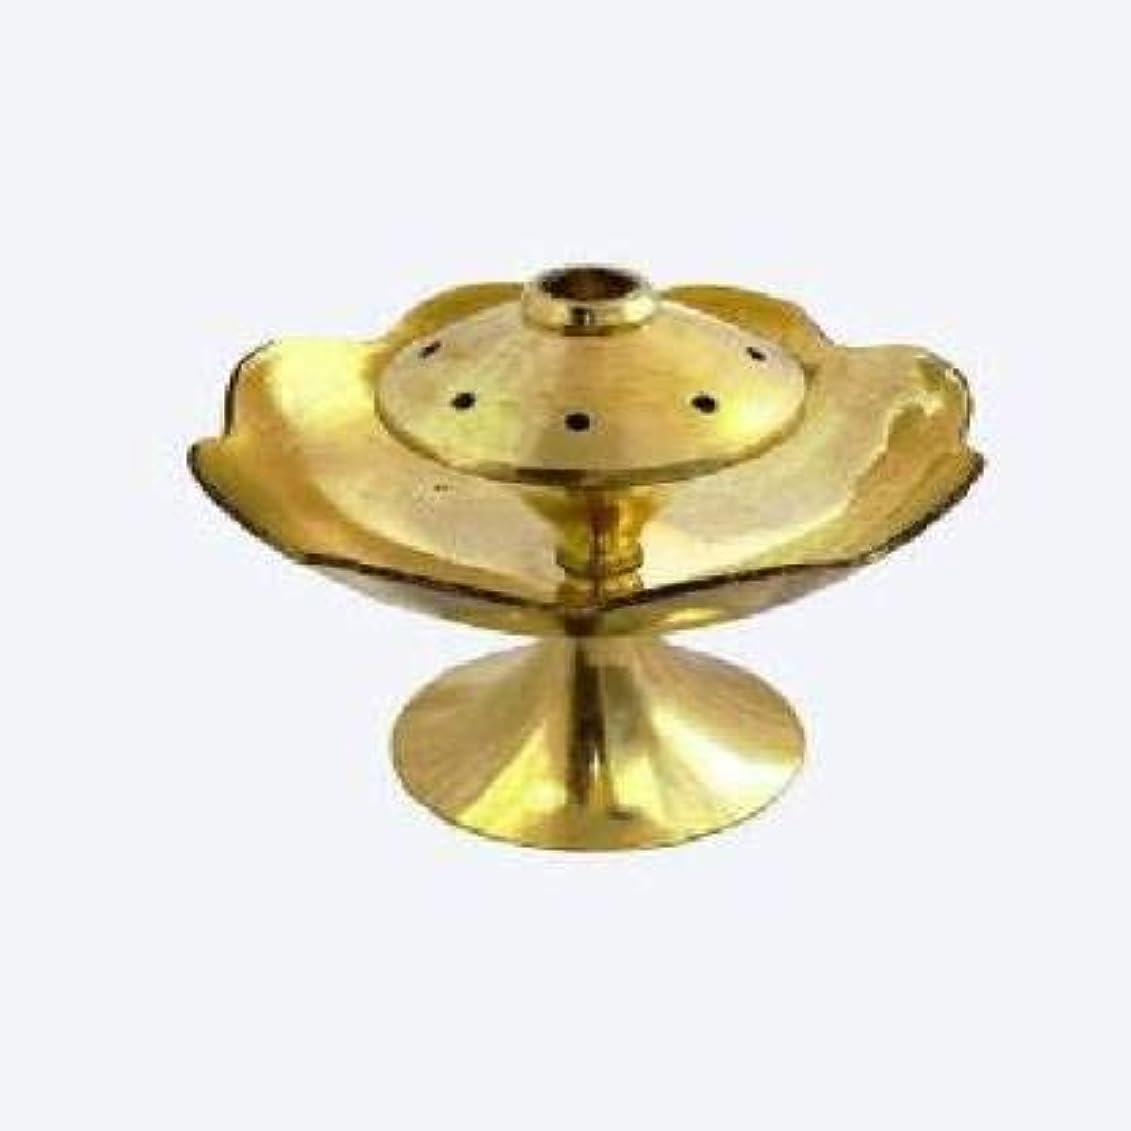 書く革命的セレナRolimoli Brass Agarbatti Stand with Center Dhoop Holder with 8 Holes (Small)